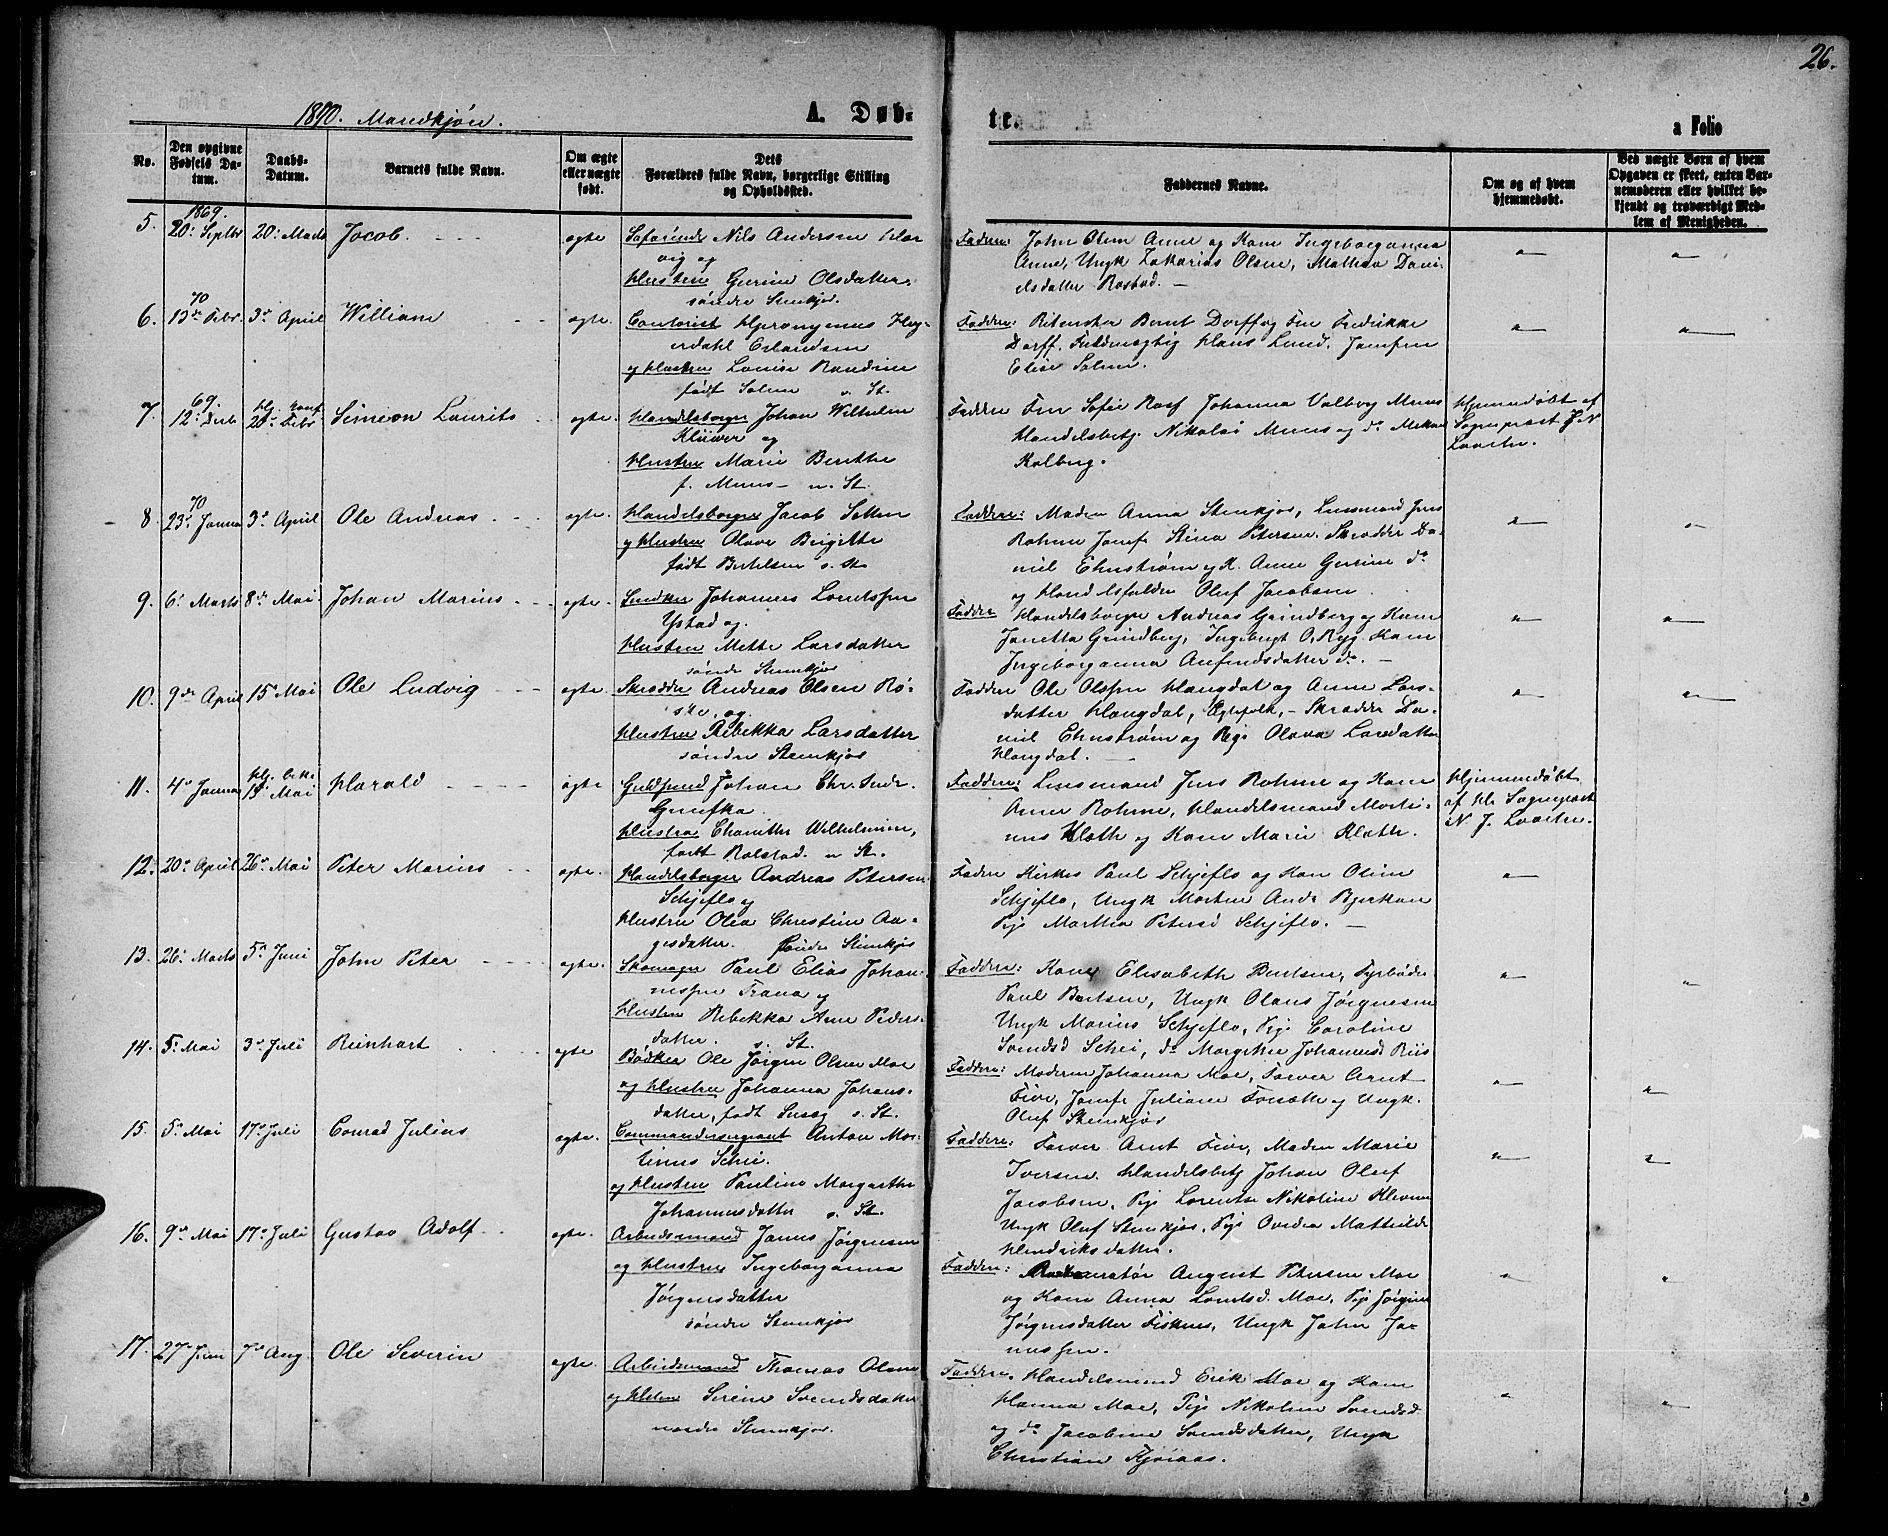 SAT, Ministerialprotokoller, klokkerbøker og fødselsregistre - Nord-Trøndelag, 739/L0373: Klokkerbok nr. 739C01, 1865-1882, s. 26